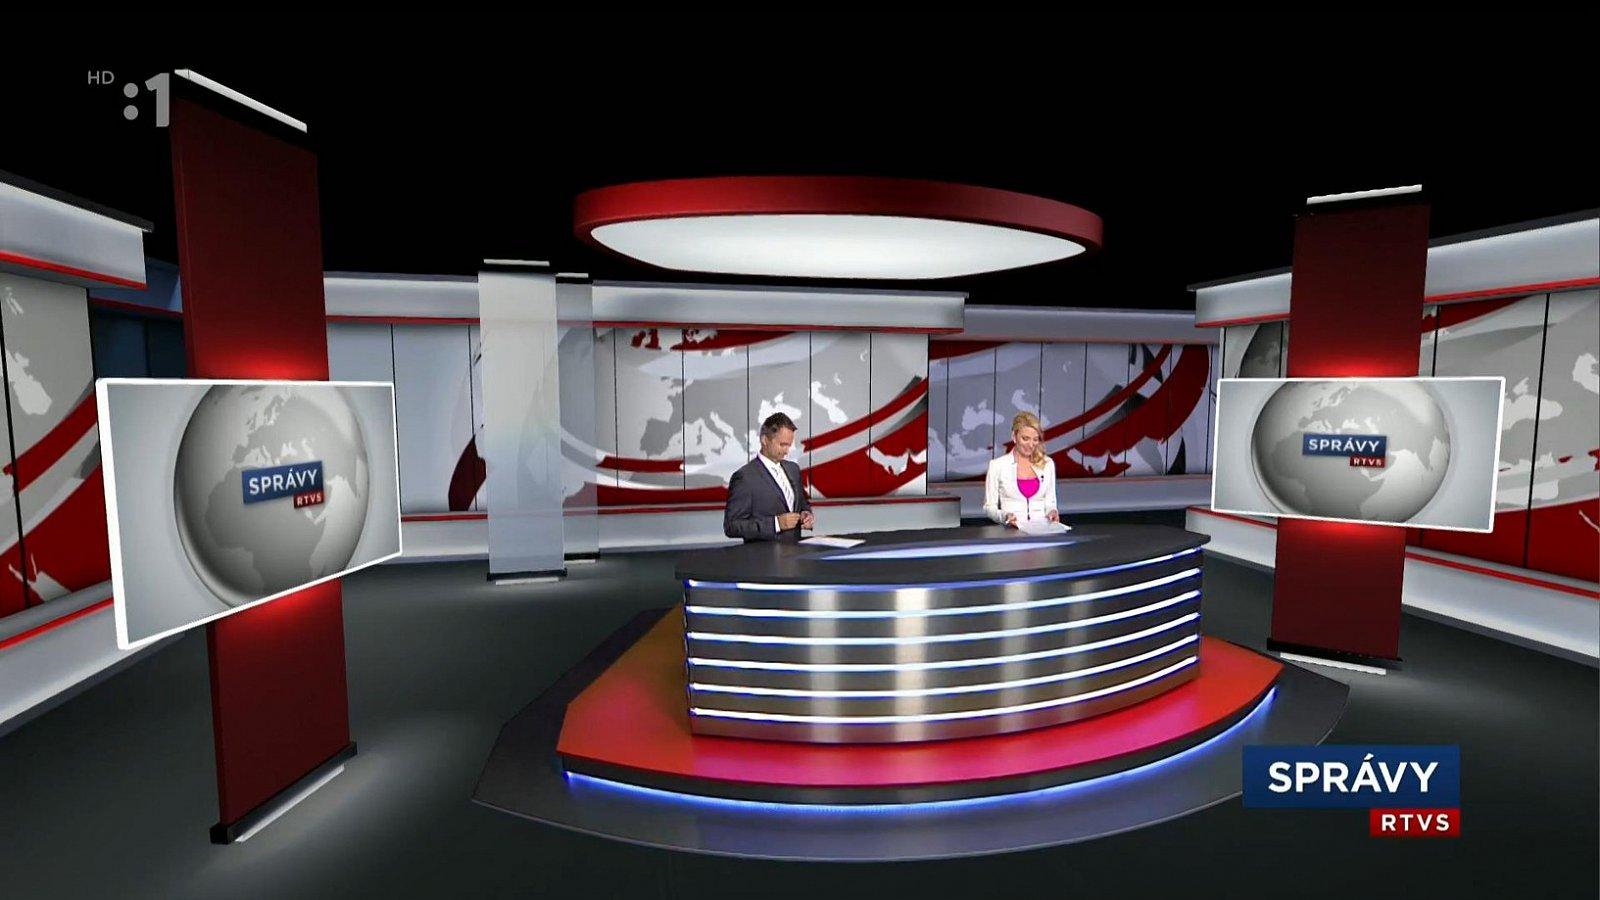 Správy RTVS ve vysokém rozlišení